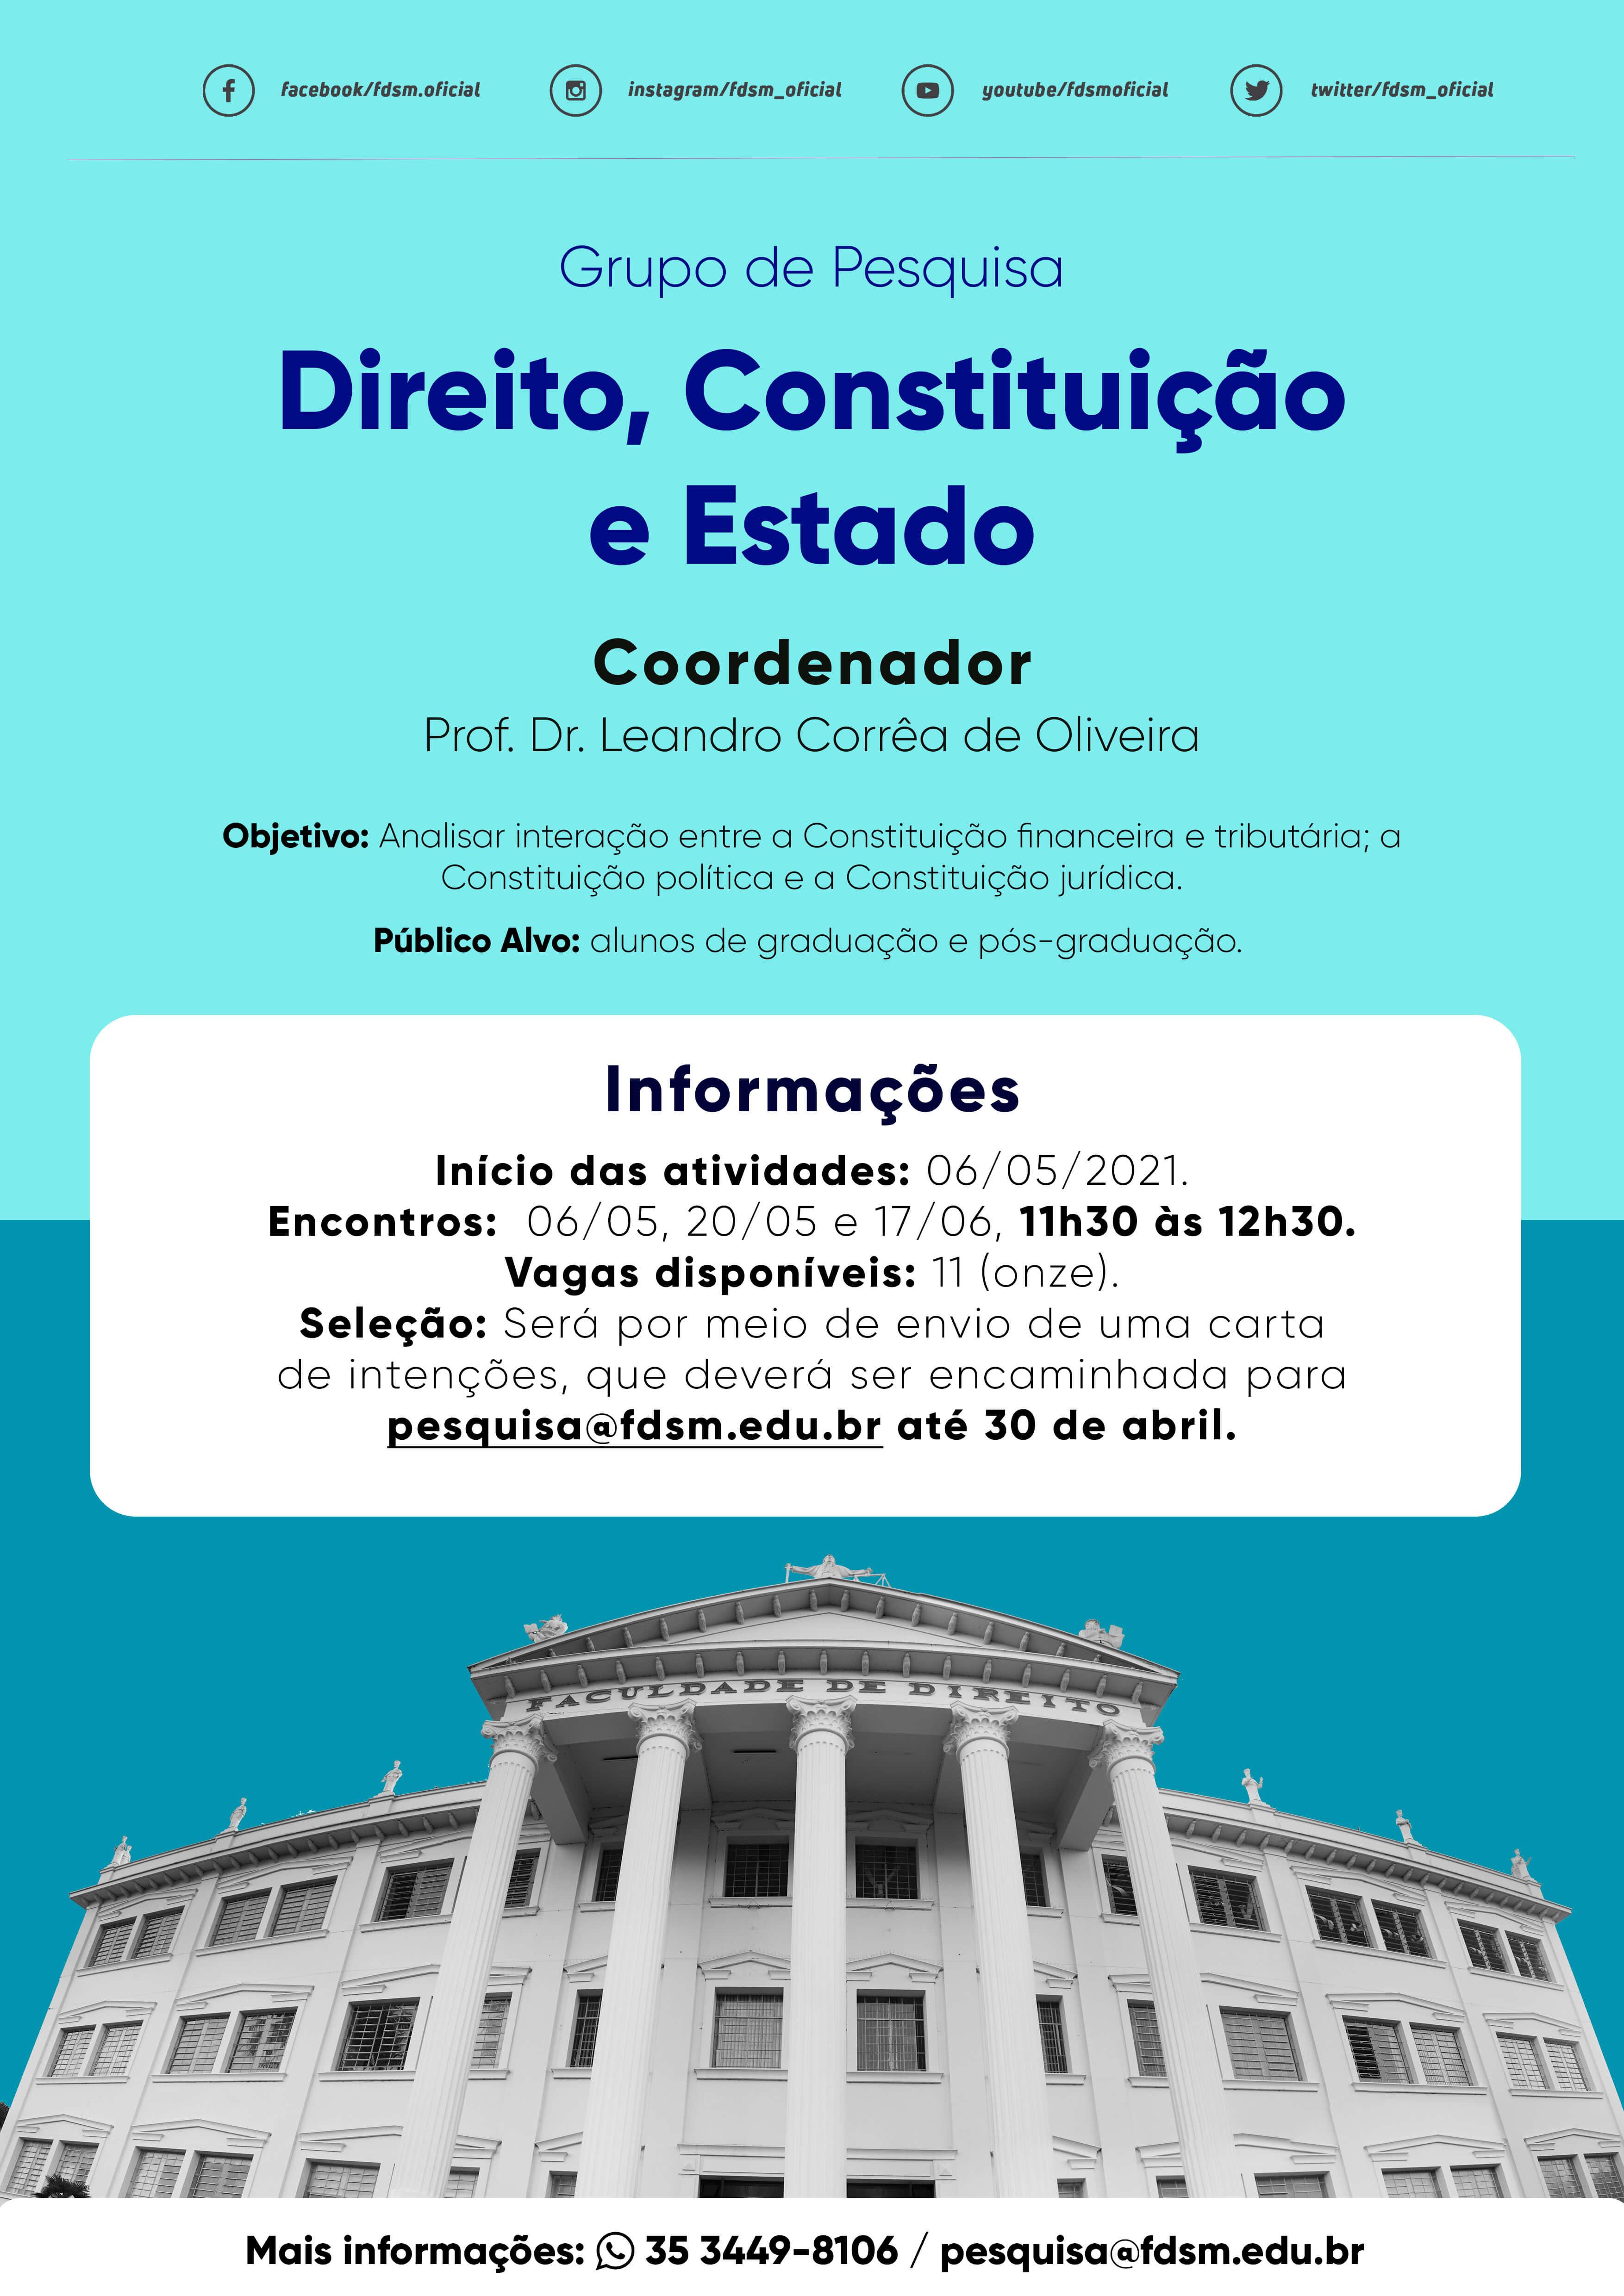 Evento 753 - GRUPO DE PESQUISA: DIREITO, CONSTITUIÇÃO E ESTADO.